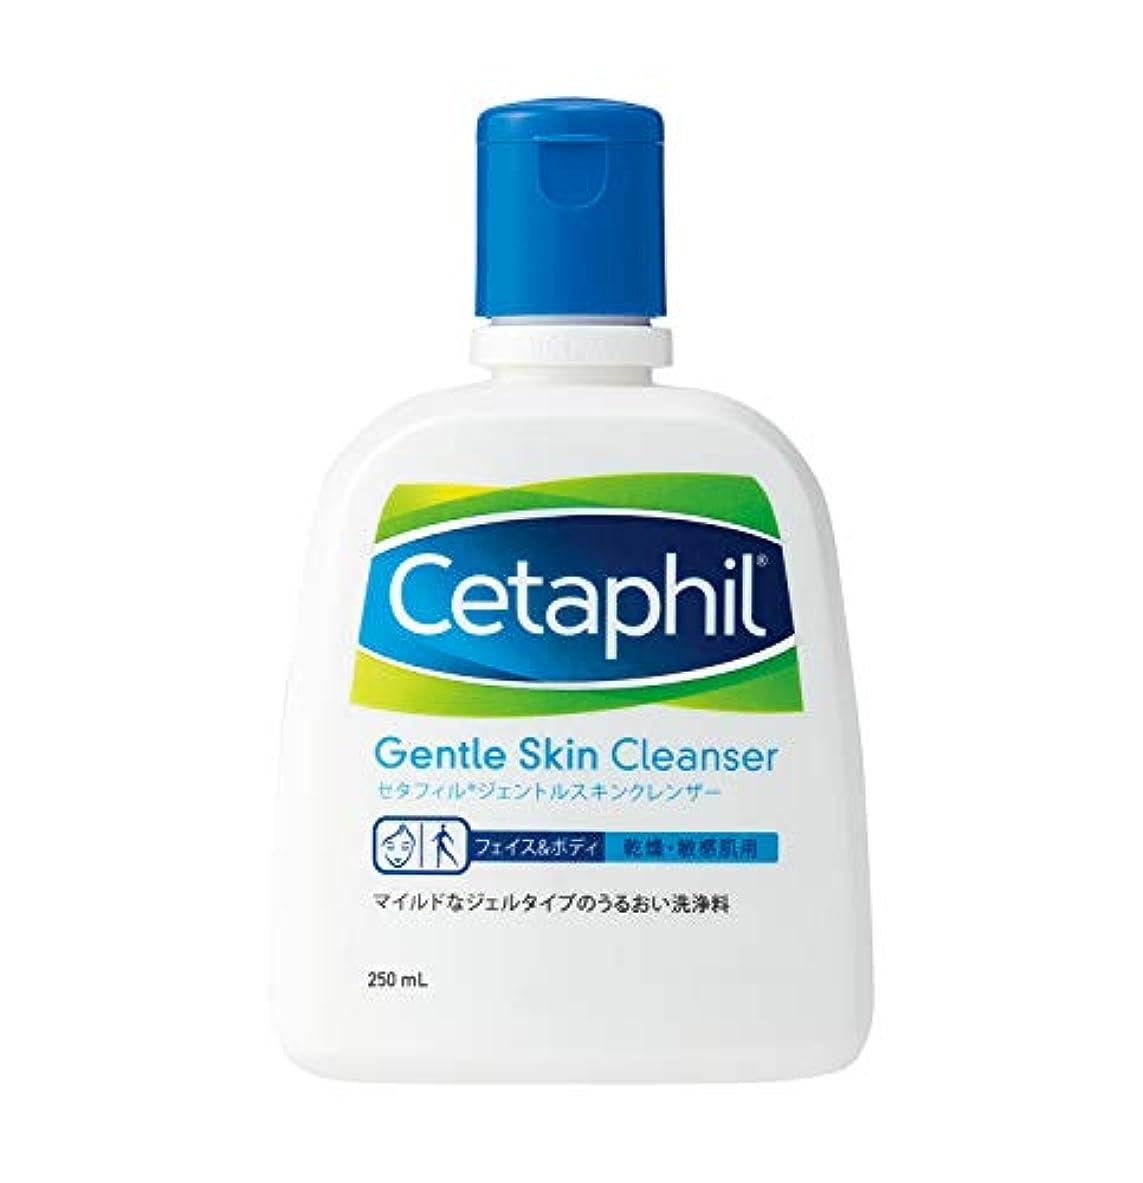 コレクション肥料倍増セタフィル Cetaphil ® ジェントルスキンクレンザー 250ml (フェイス & ボディ 洗浄料 クレンザー)